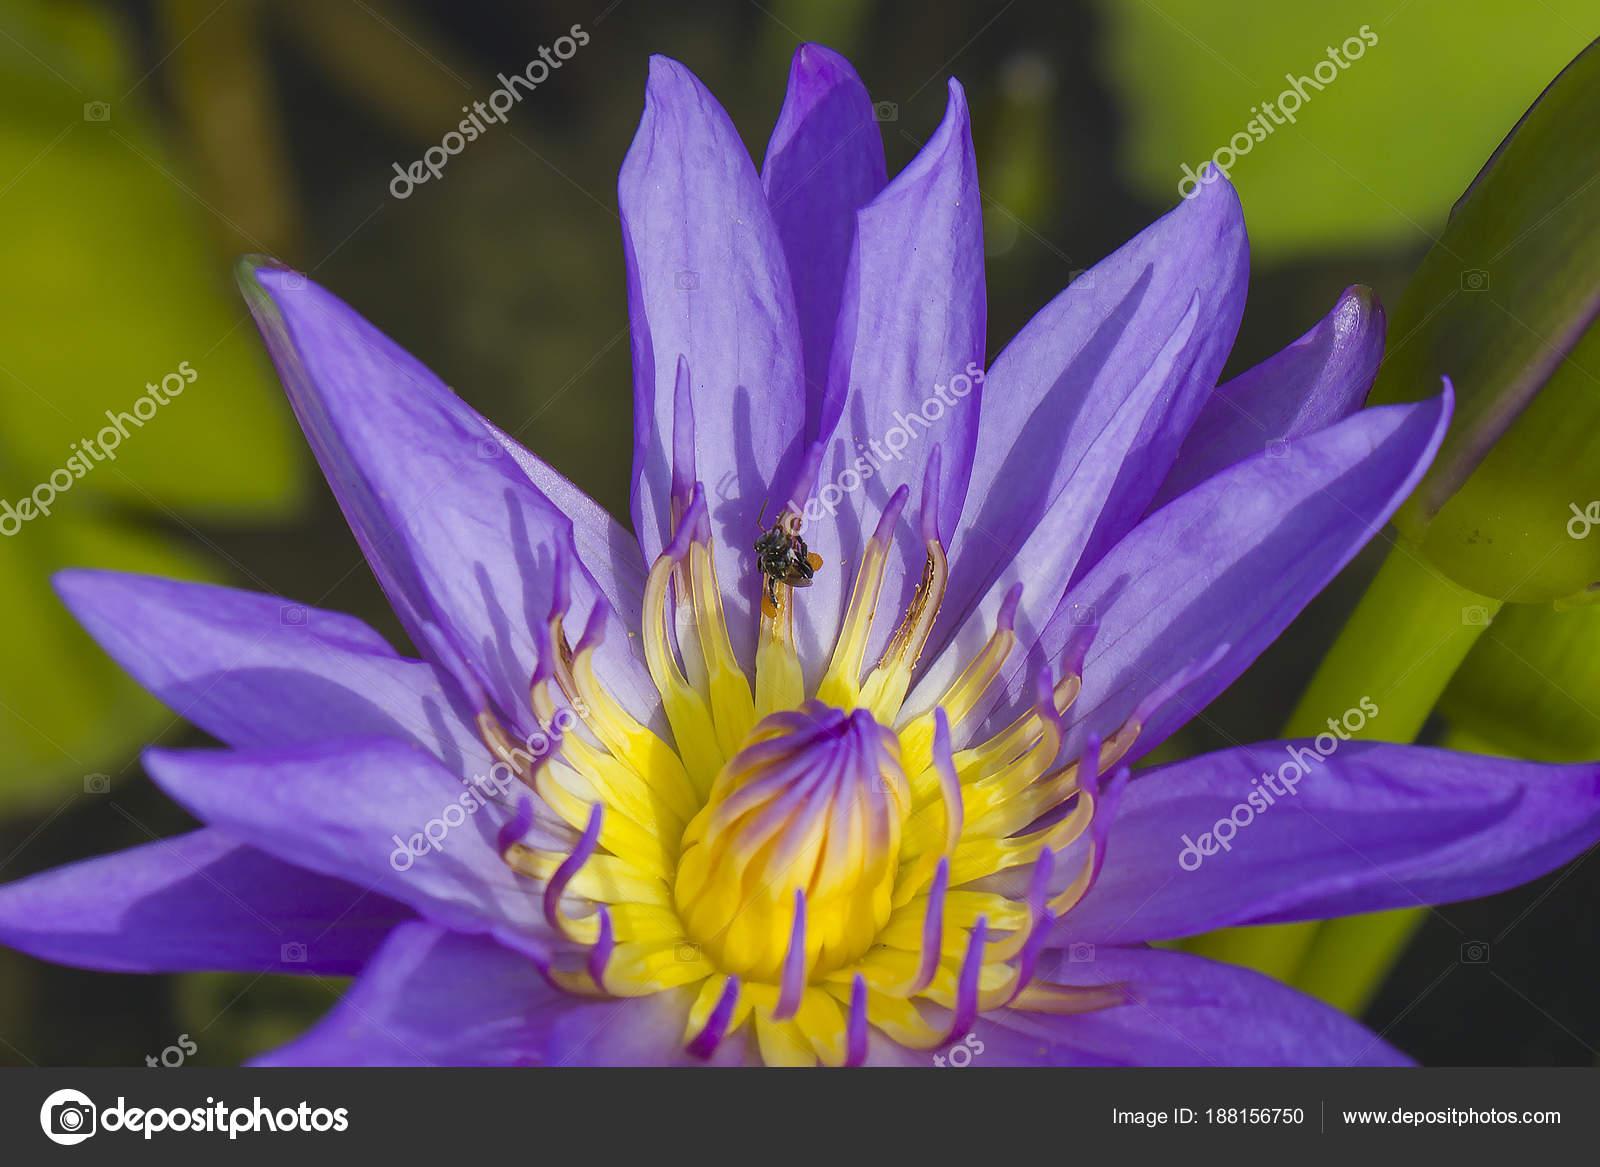 Elegant blue lily flower lotus water lotus flower water lily stock elegant blue lily flower lotus water lotus flower water lily stock photo izmirmasajfo